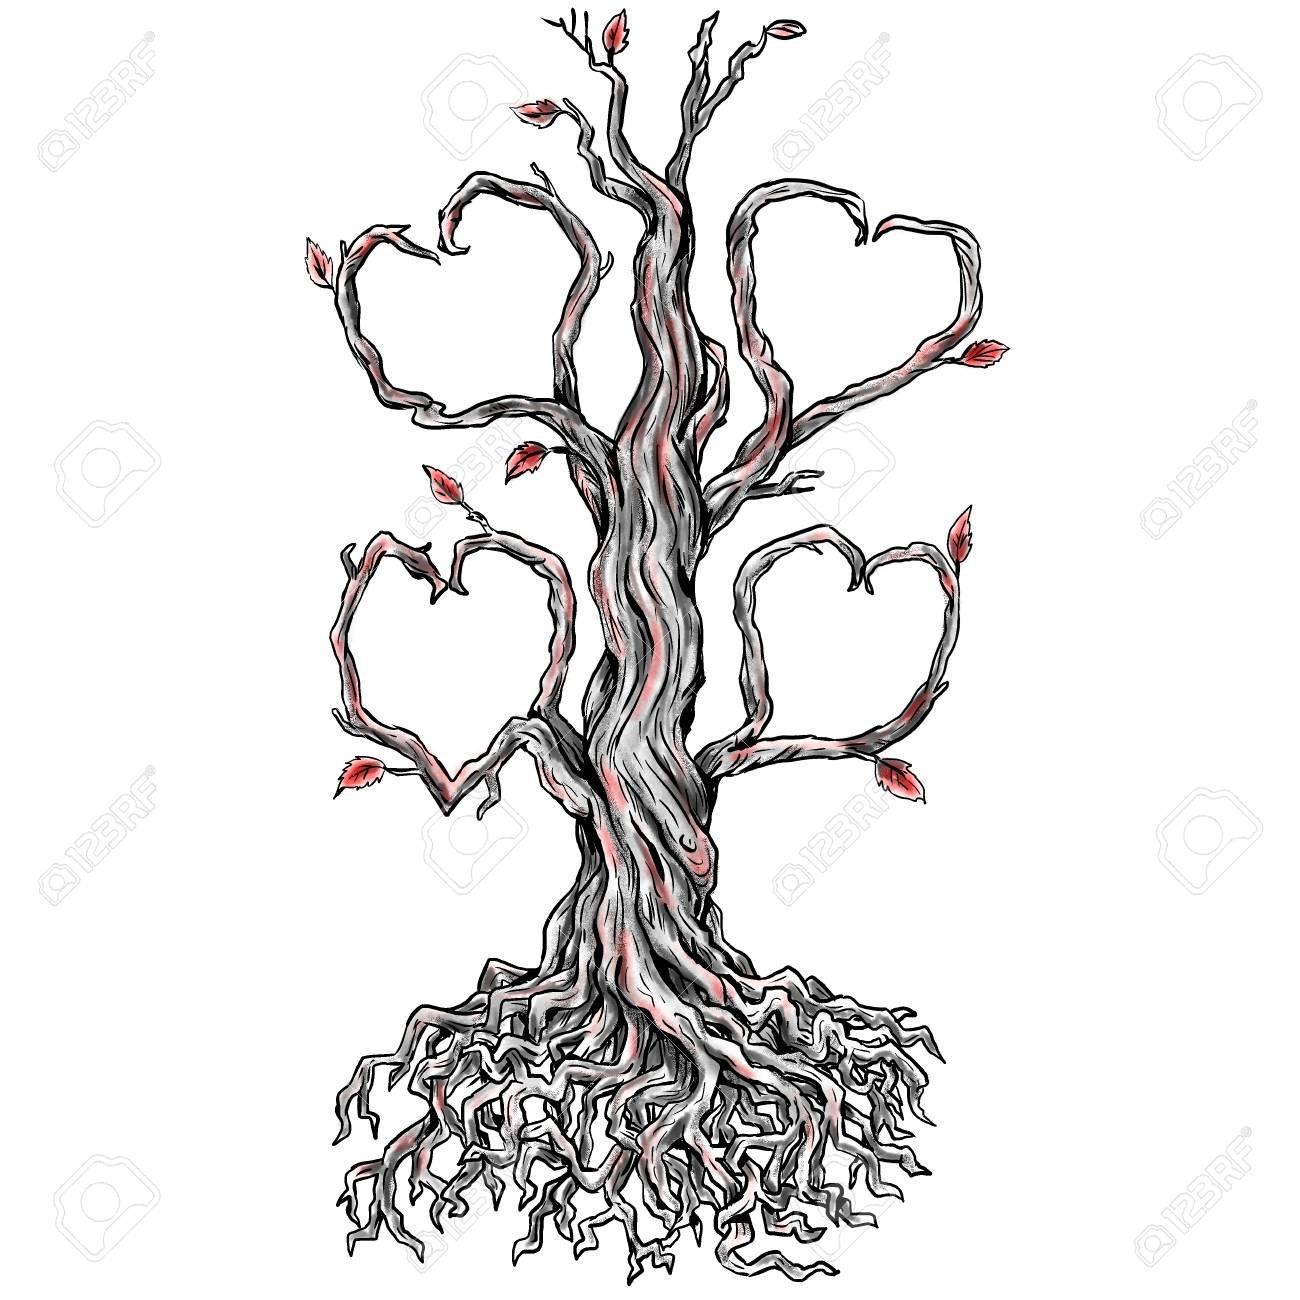 84872197-illustration-de-style-de-tatouage-d-un-chêne-tordu-sans-feuilles-et-branche-formant-dans-le-coeur-e